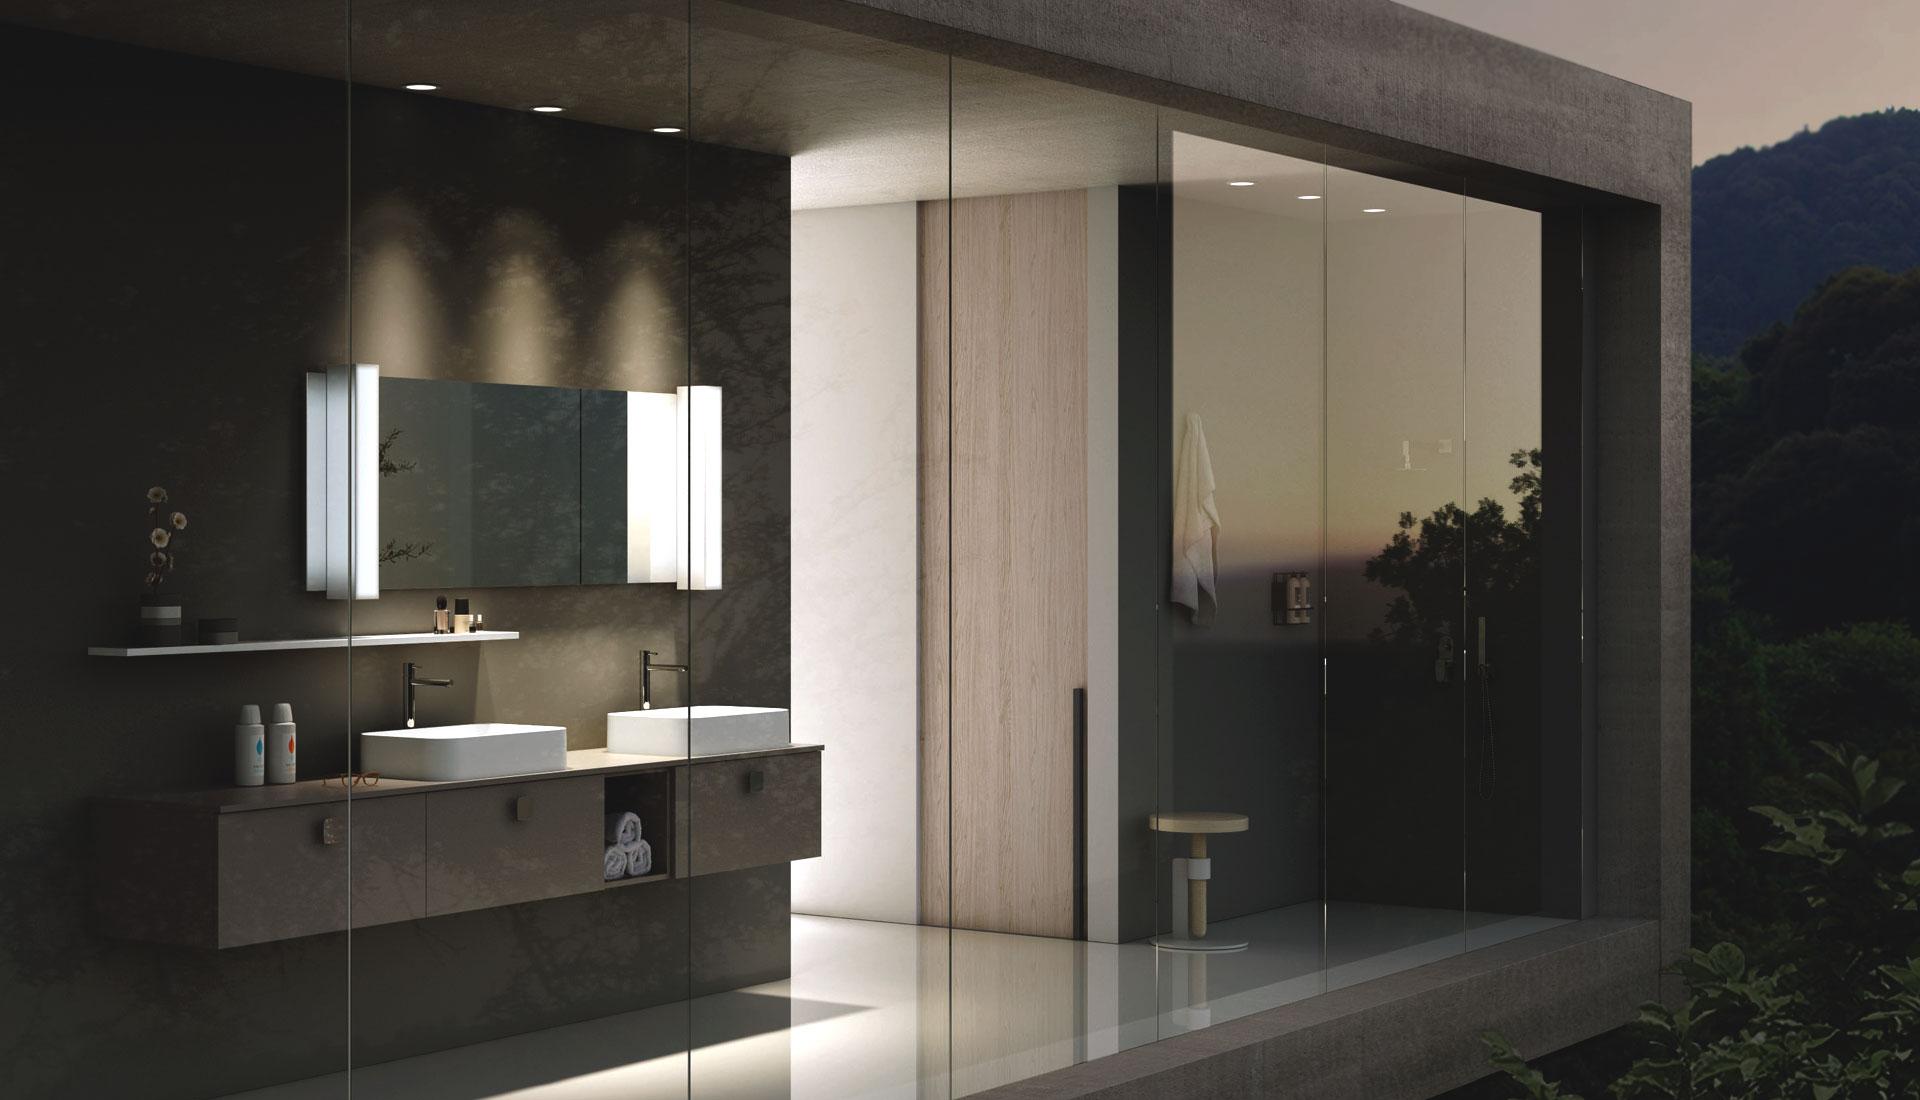 arredo bagno con maniglia - puntotre arredobagno - Foto Arredo Bagno